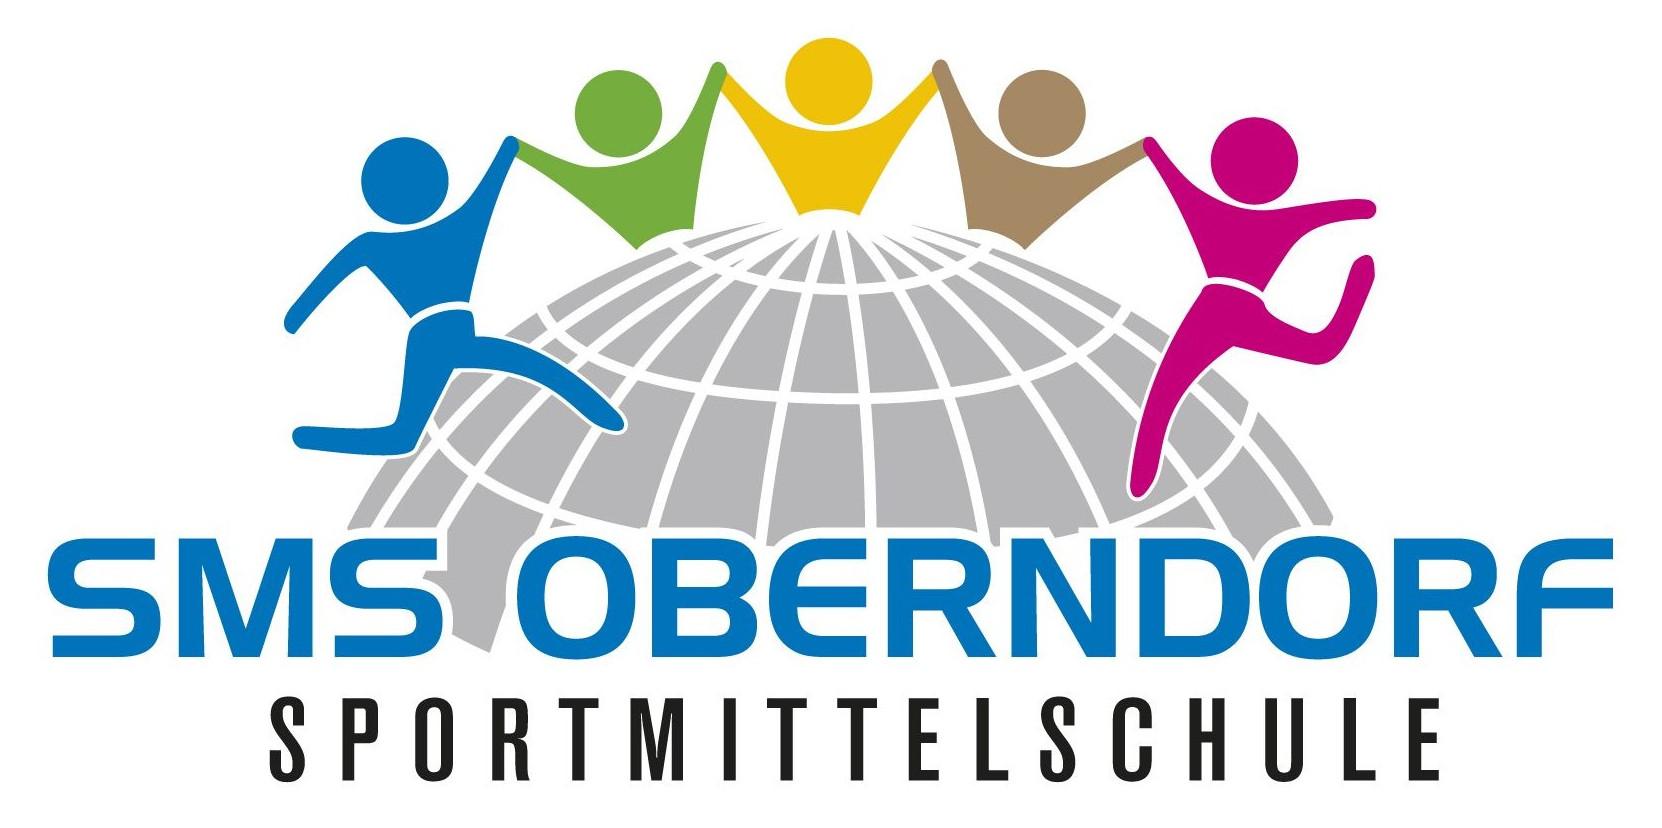 SMS Oberndorf